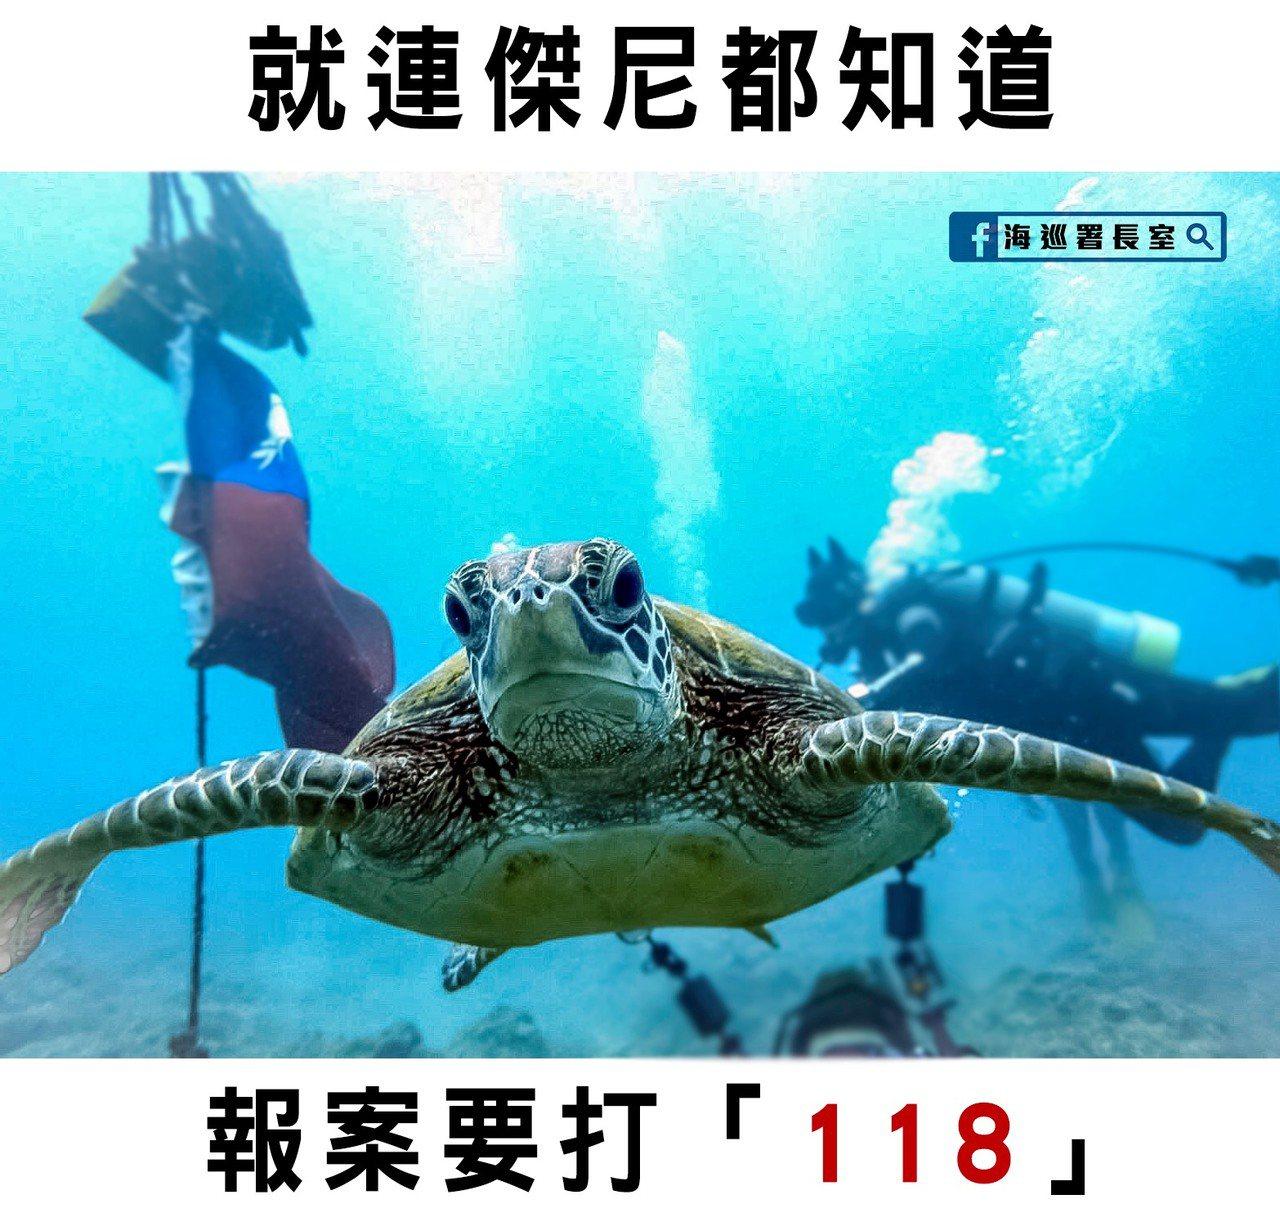 「海巡署長室Coast Guard」臉書粉絲網頁貼出一段海龜「維尼」的影片,提醒...